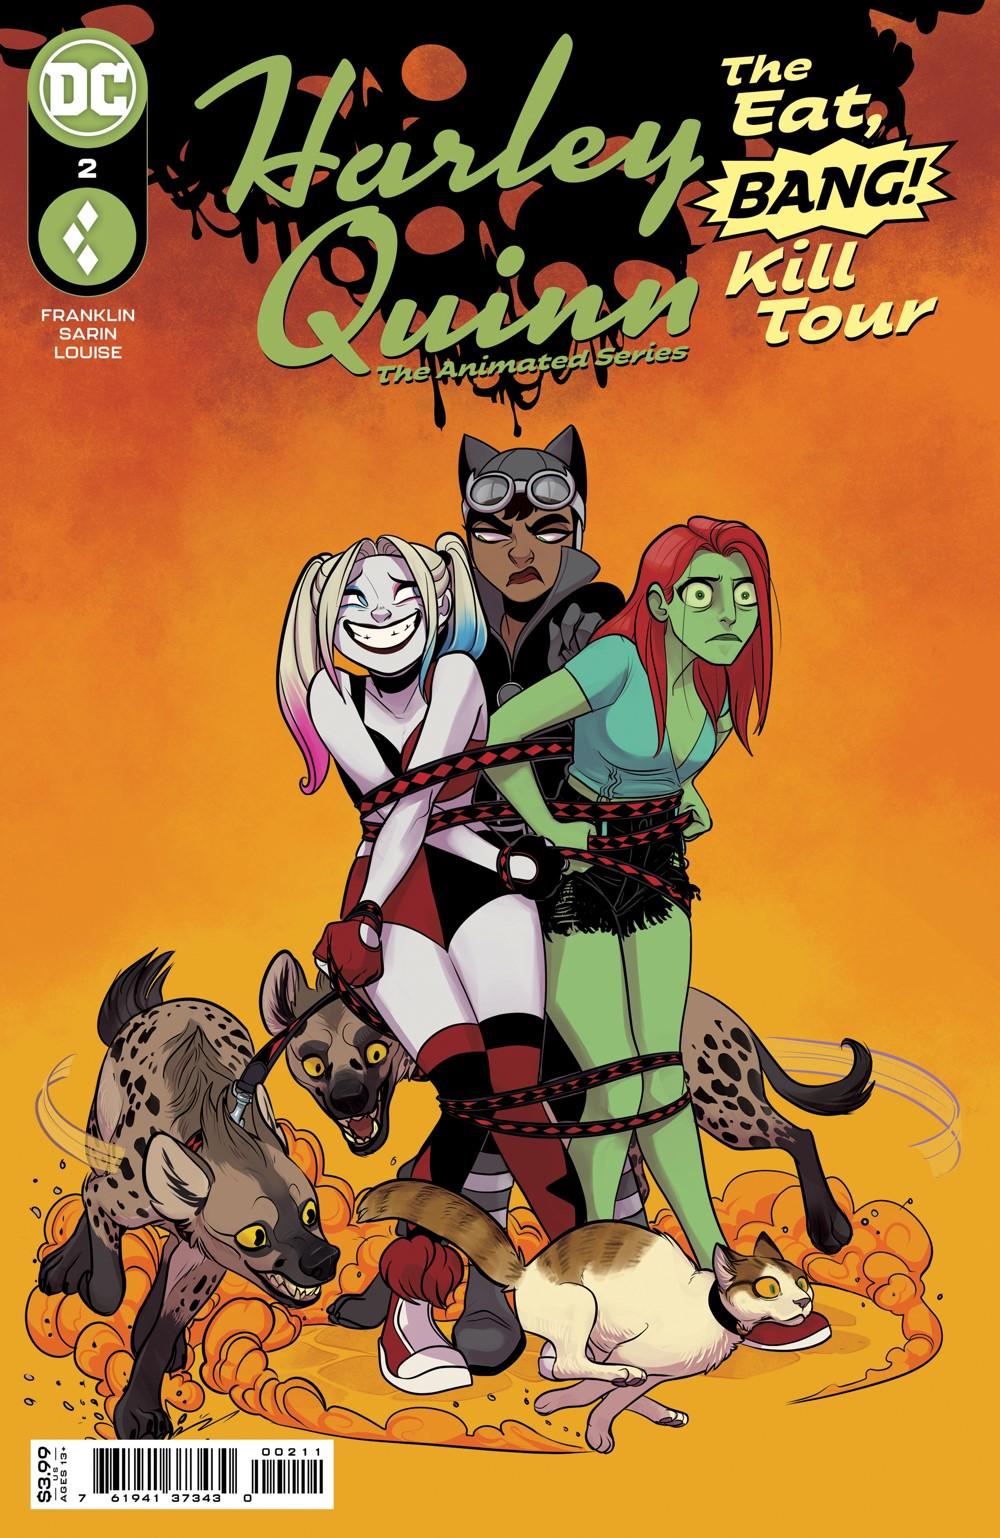 HQTAS_Cv2_00211 DC Comics October 2021 Solicitations